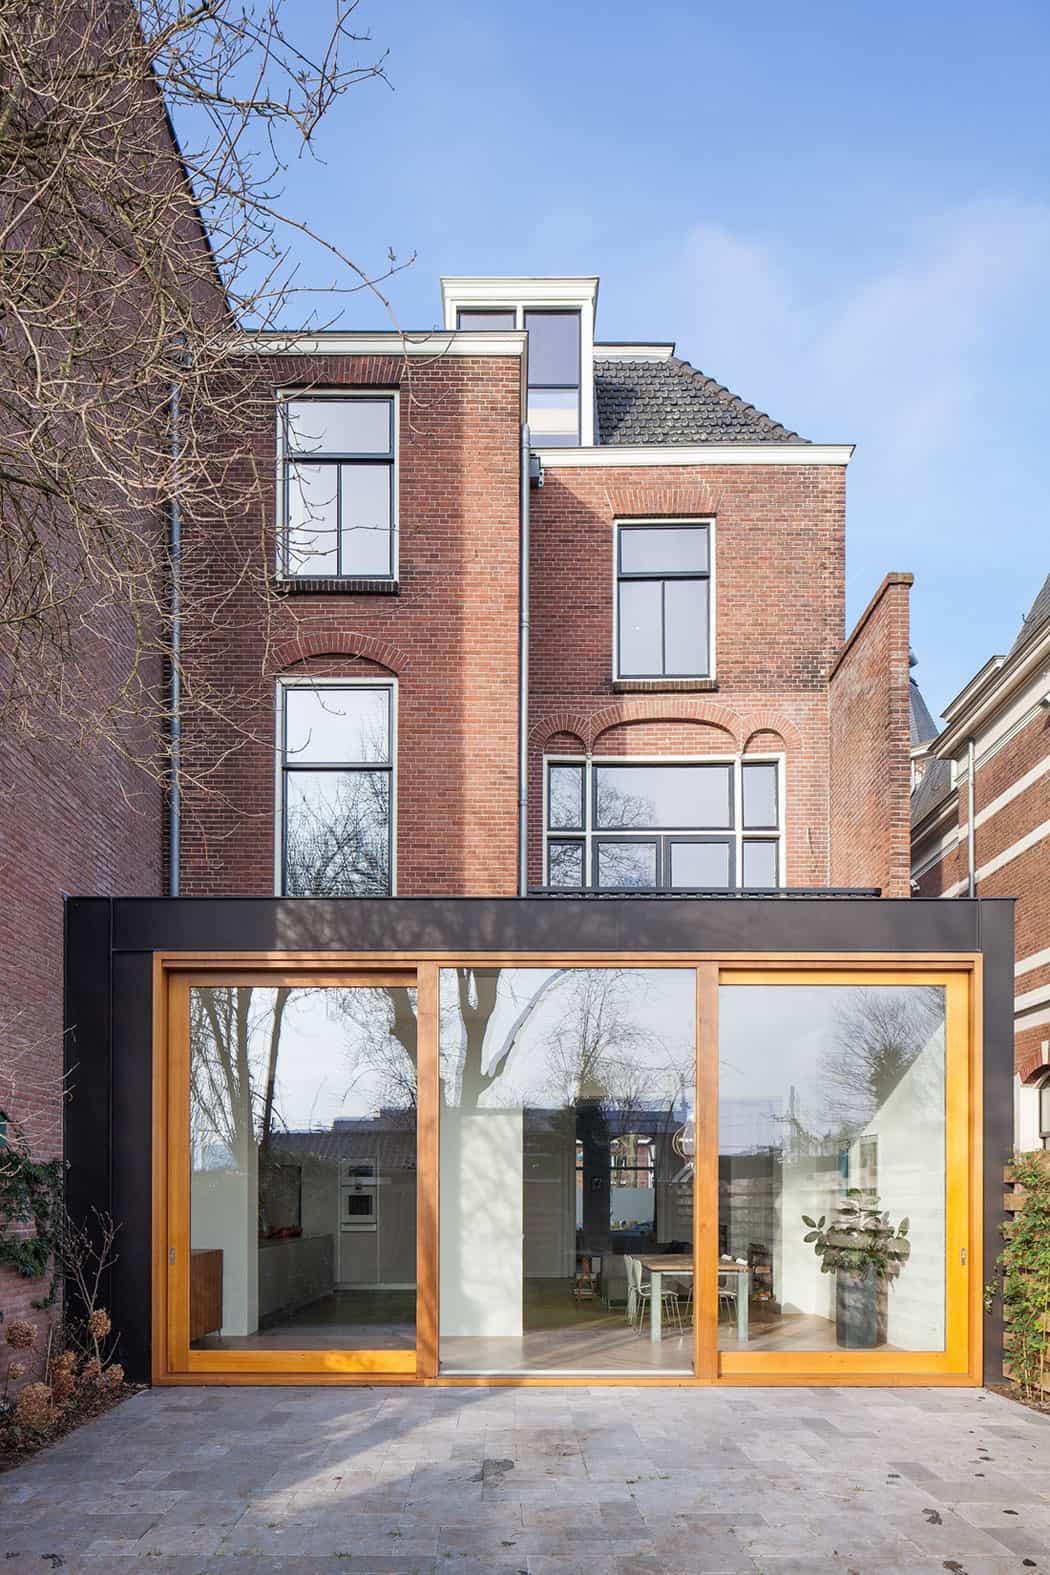 Extension Maliebaan Utrecht by Zecc Architecten (1)